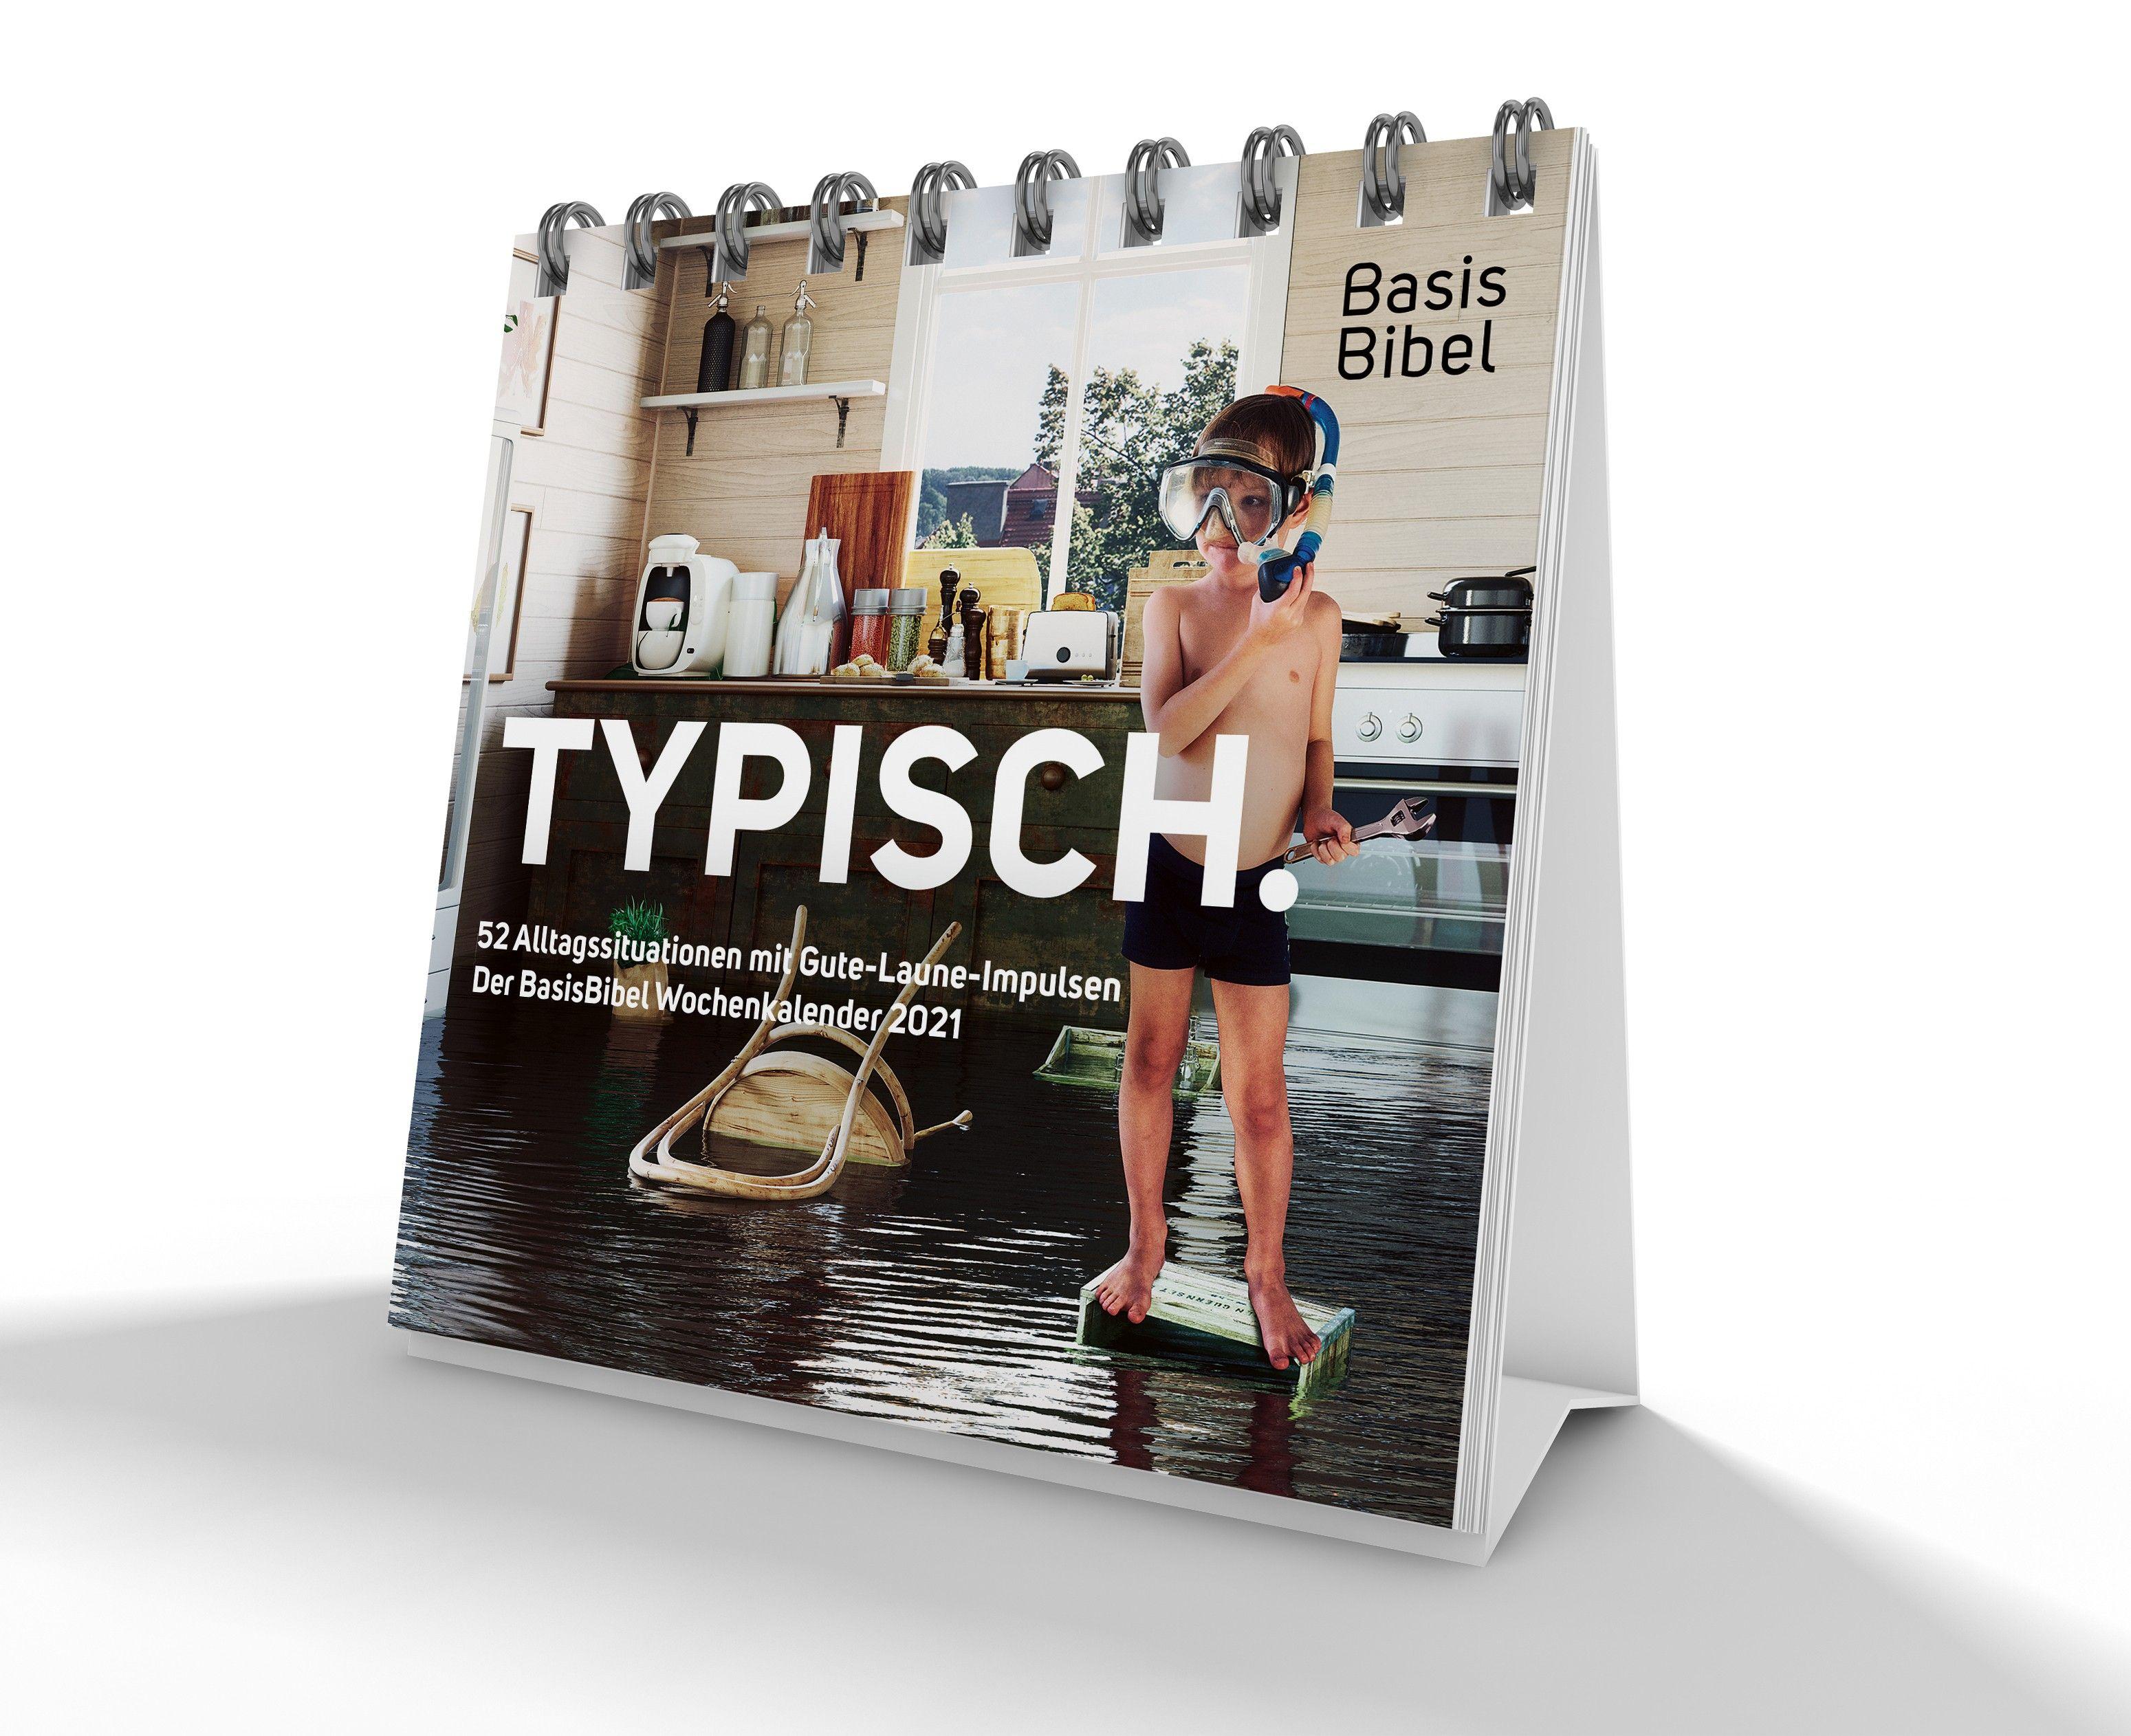 Typisch. Der Basisbibel-Wochenkalender 2021